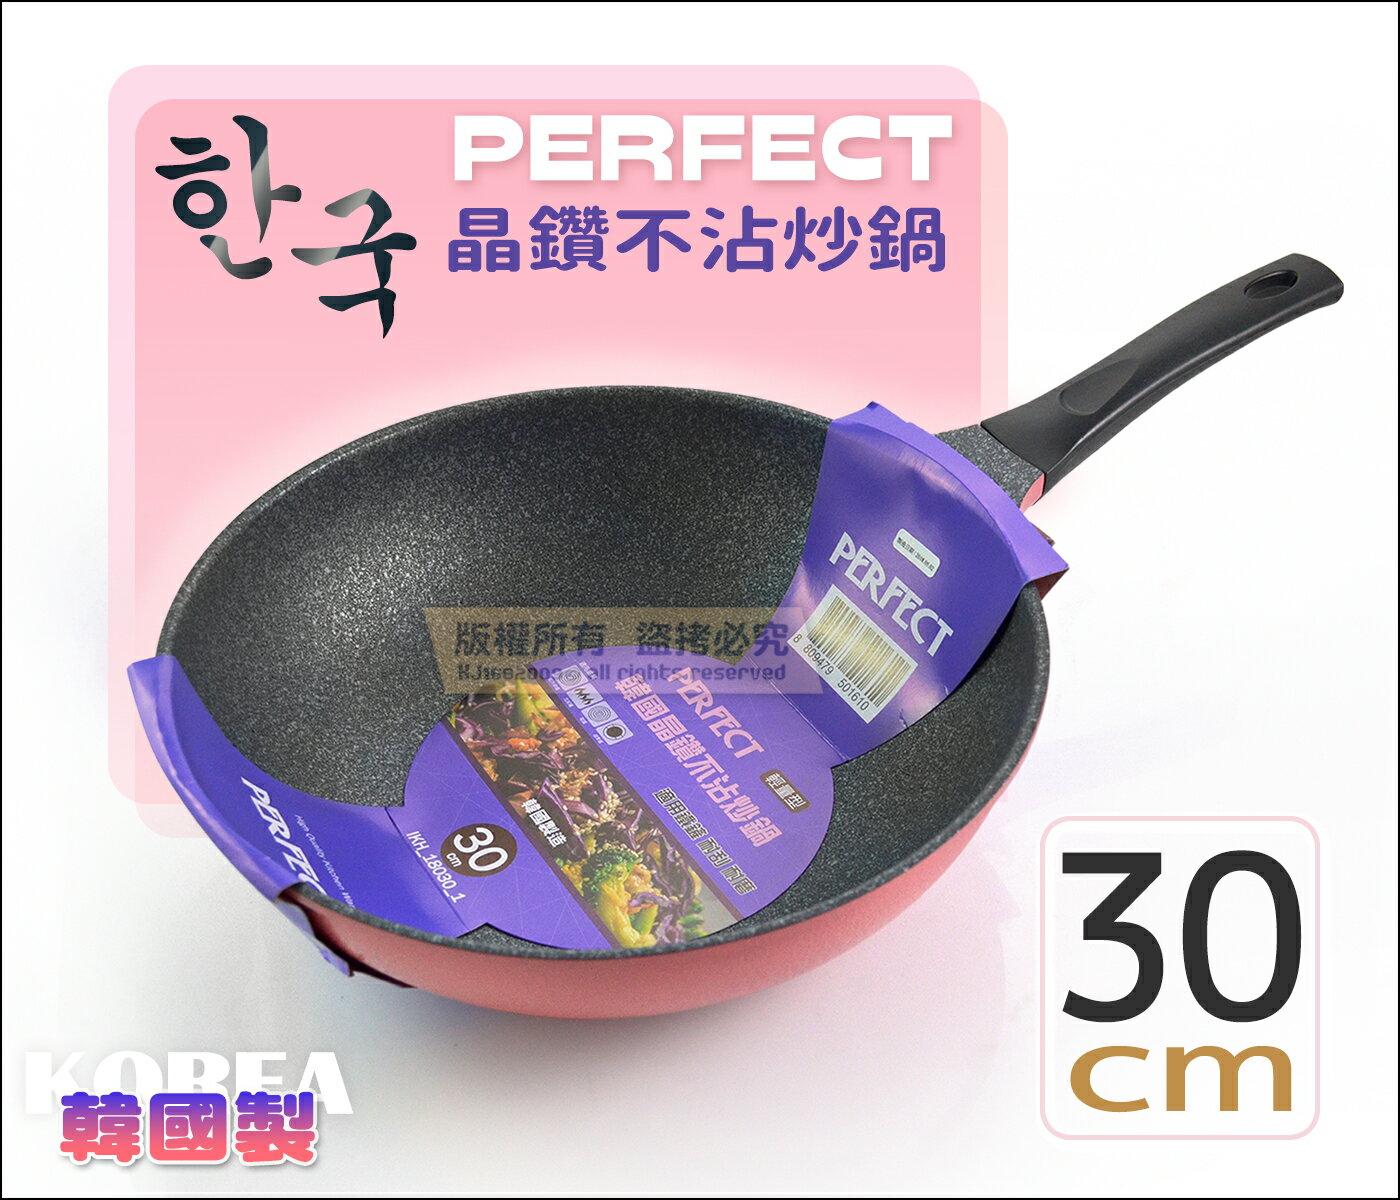 快樂屋♪ PERFECT 韓國製 1610 晶鑽不沾炒鍋 30cm【可用鐵鏟】輕量型 壓鑄鍋身 深型平底鍋 不沾鍋